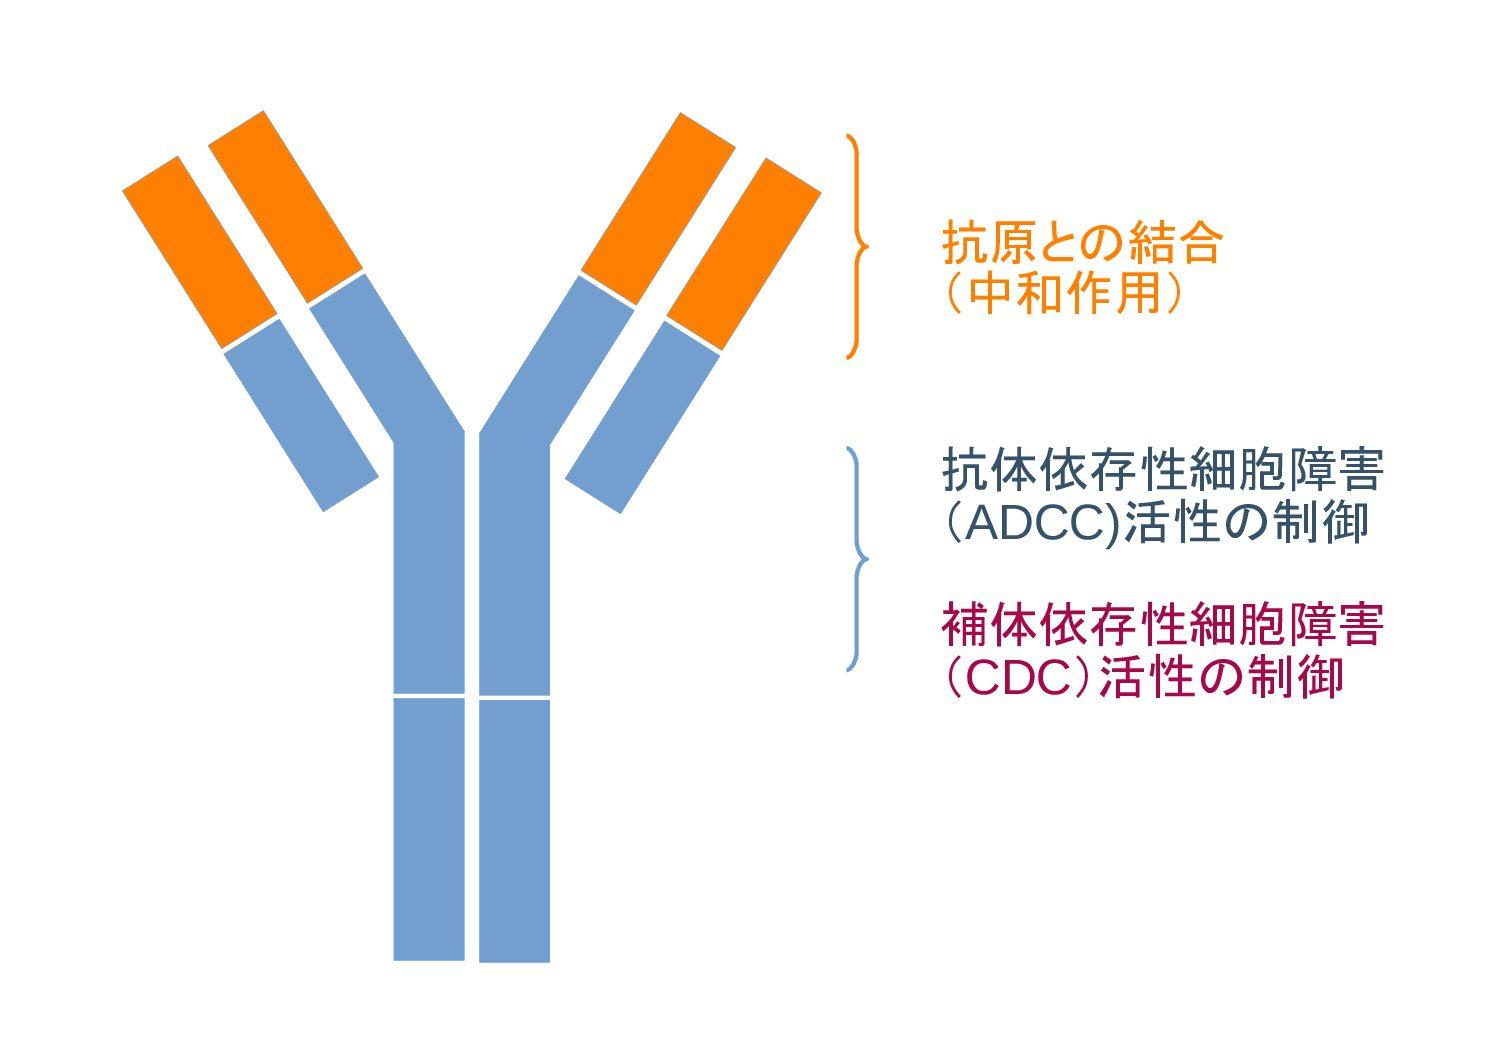 「抗体の利用と抗体医薬品 【がん治療における抗体医薬品】 《Part.3》  Vol.49」記事内の画像